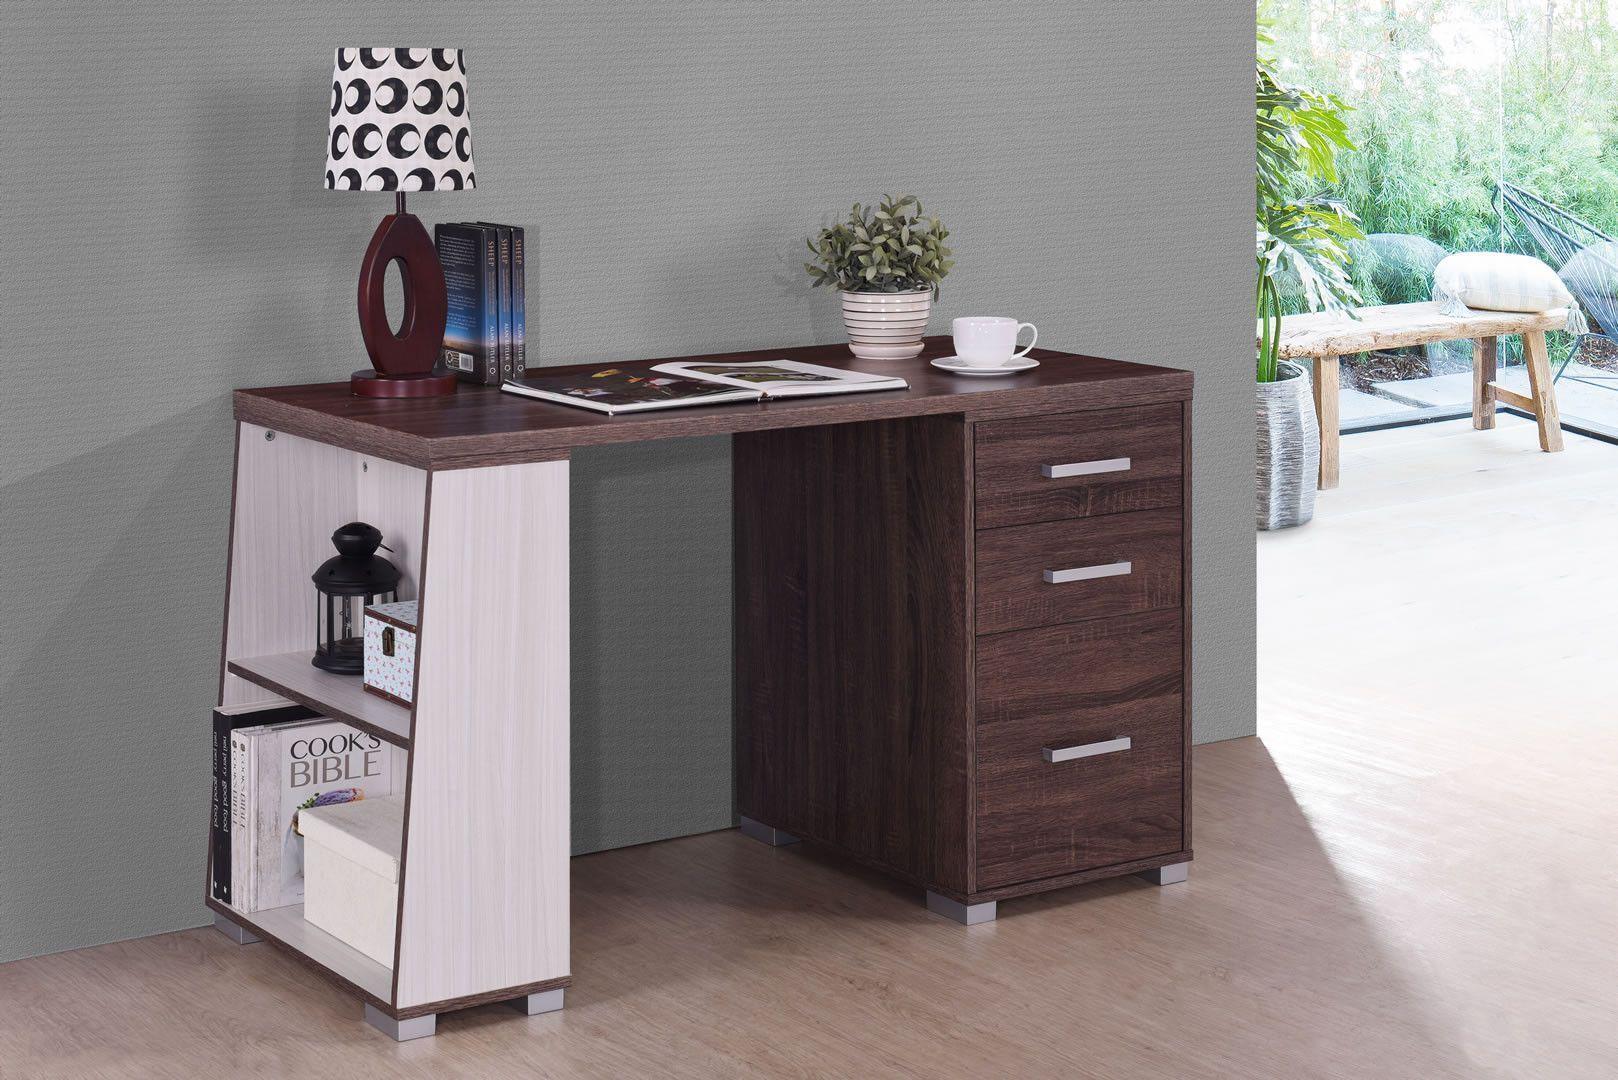 Bureaux bureau tiroirs étagère noyer et blanc touquet trocity